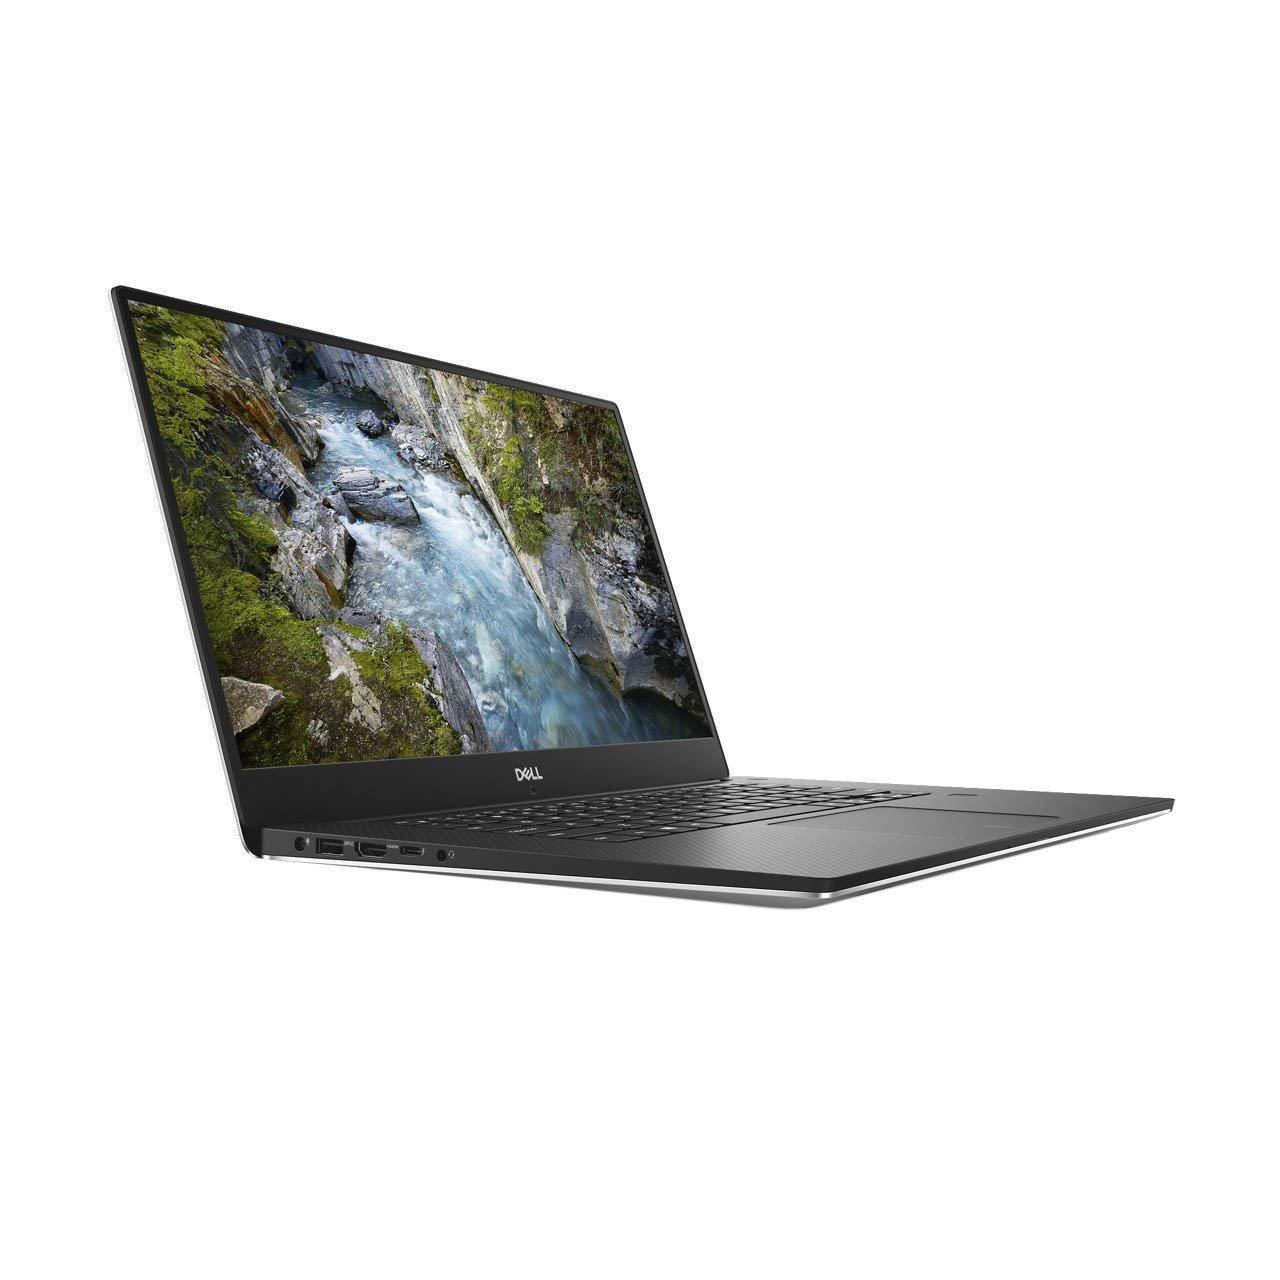 mejores portatiles para edicion video - Dell XPS 15